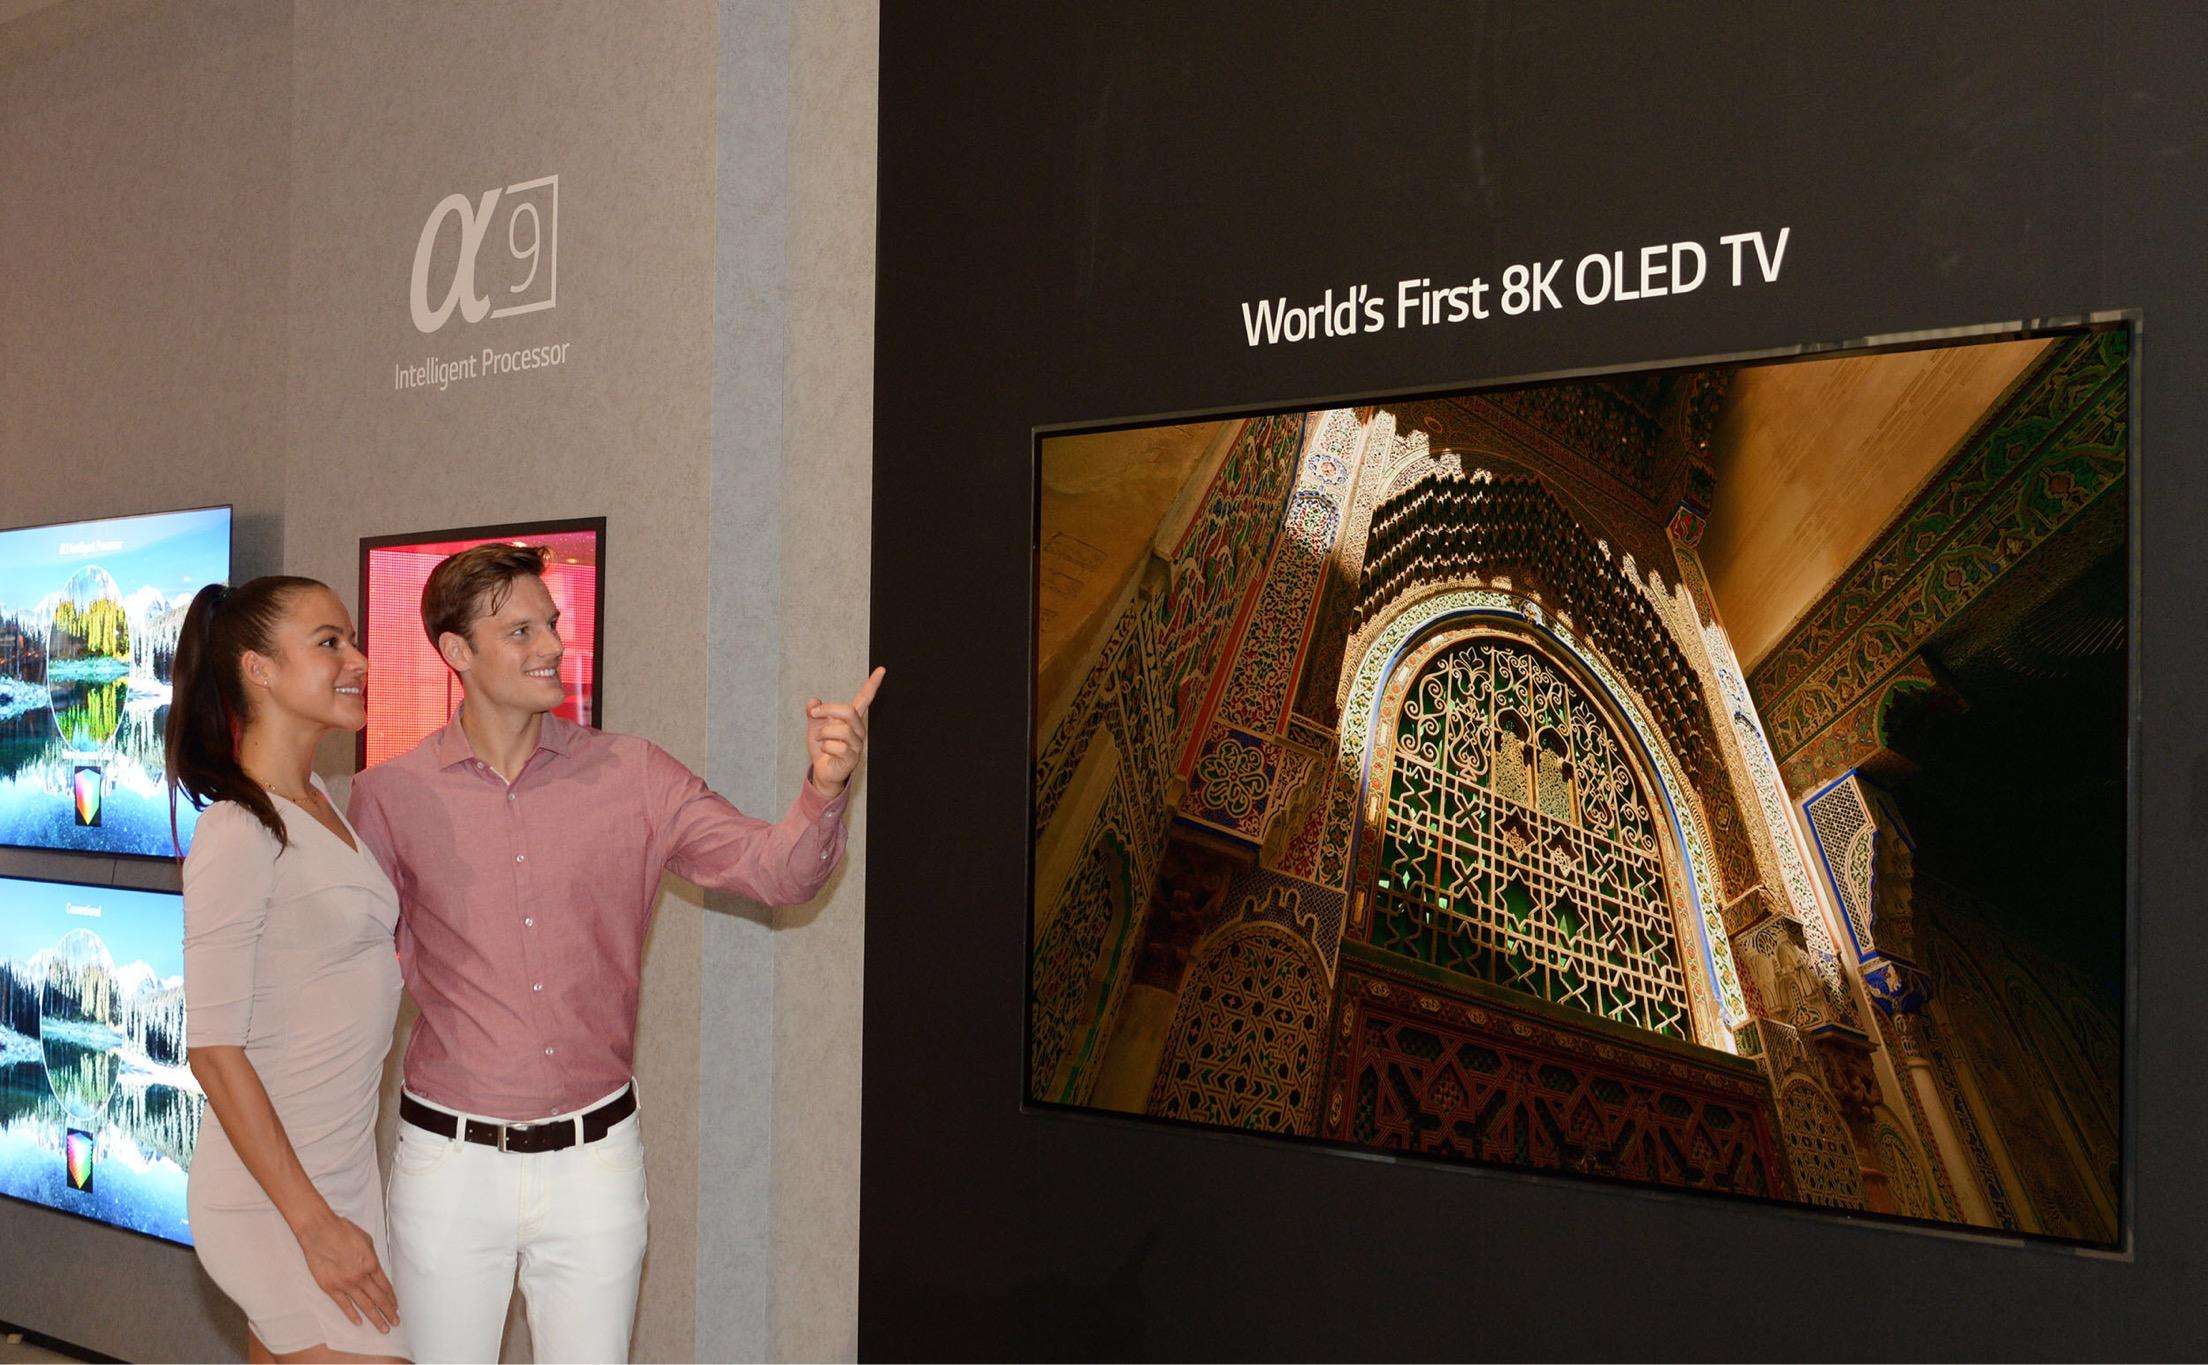 «إل جي» تعلن عن أول تلفزيون OLED 8K في العالم